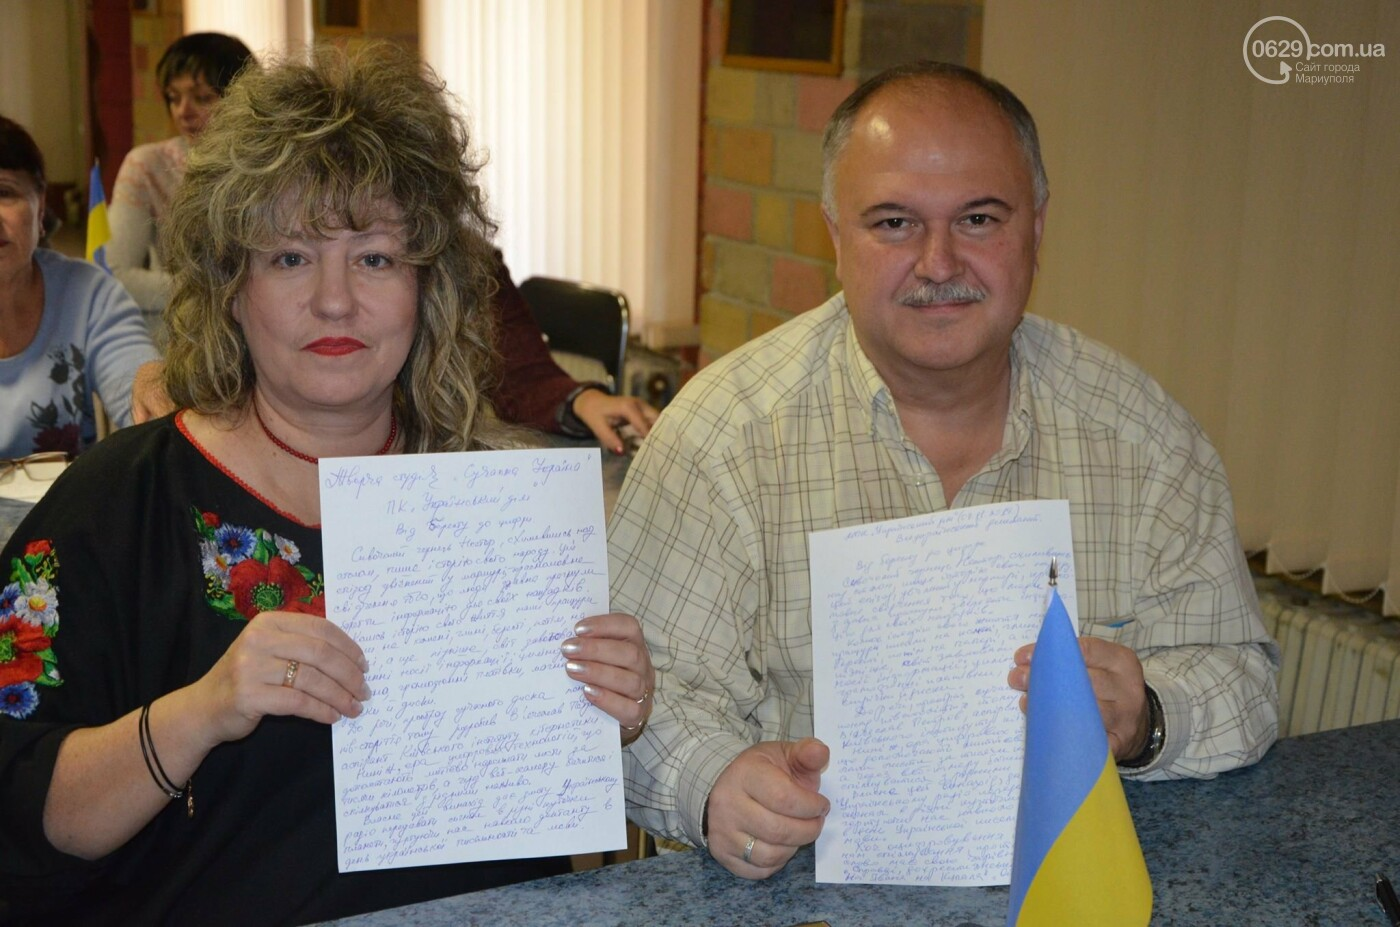 Мариупольцы проверили знание украинского языка, - ФОТО, ВИДЕО, фото-1